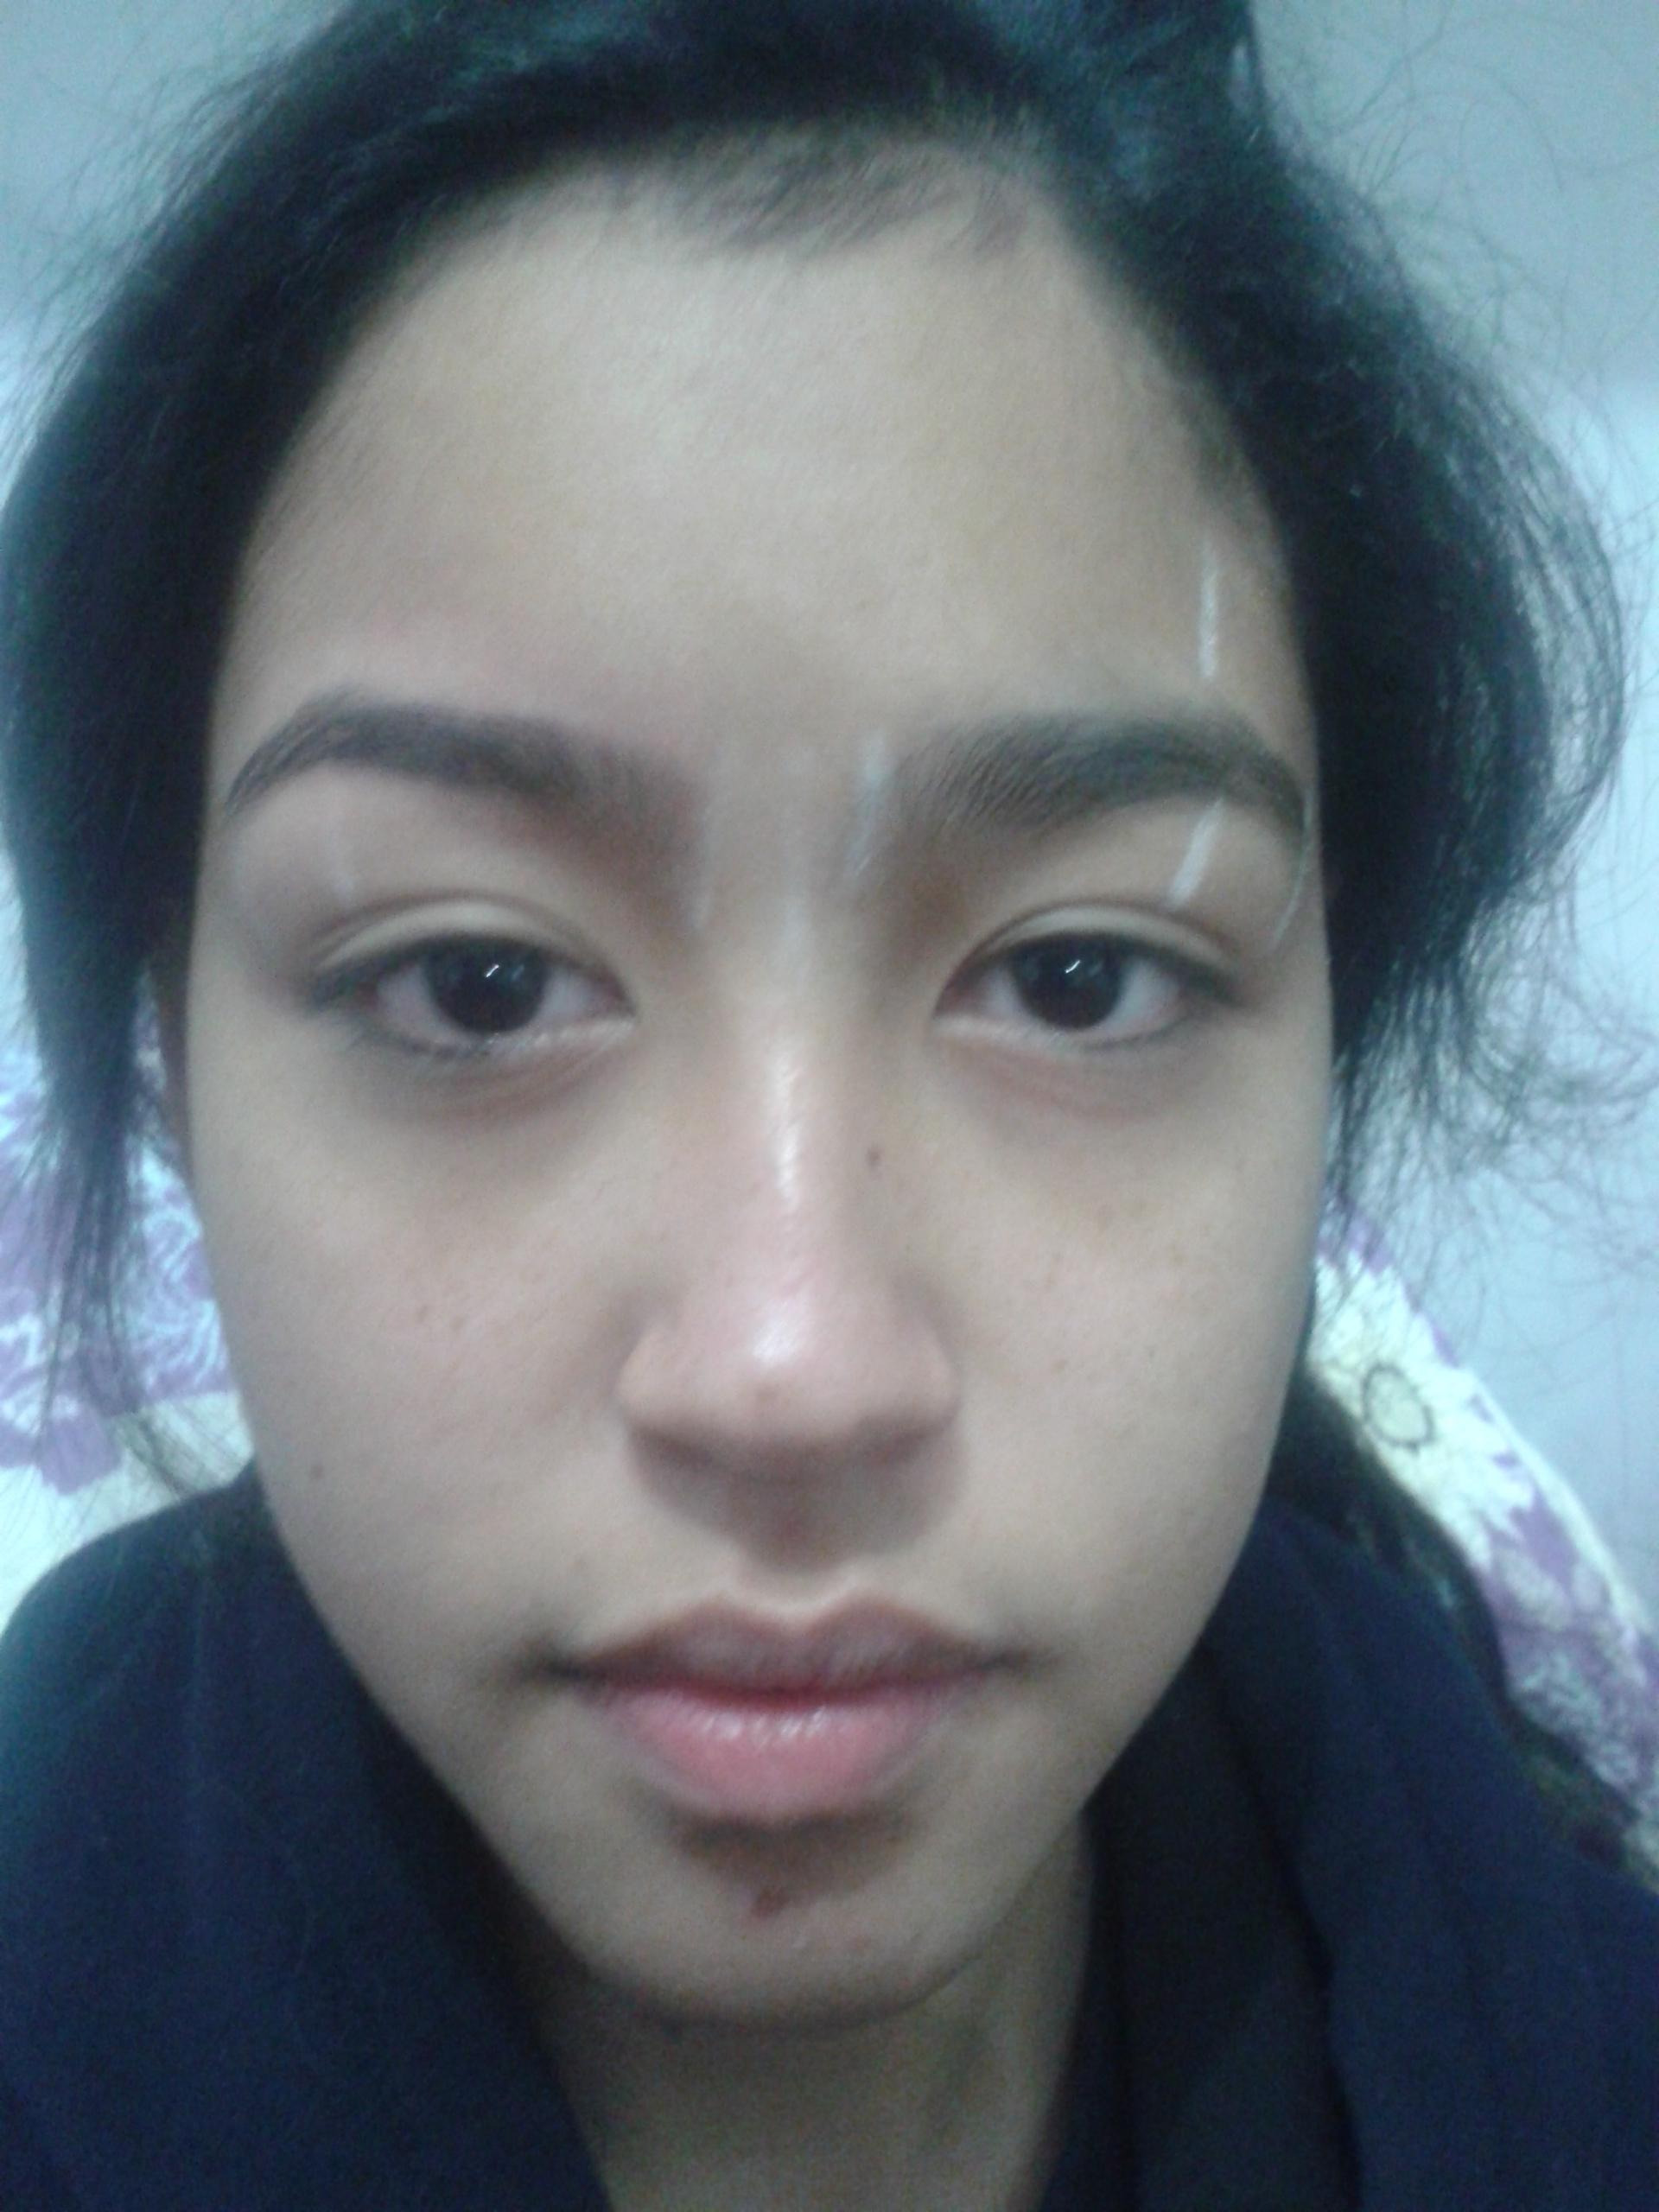 Designer sobrancelhas e make-up// antes cabeleireiro(a) barbeiro(a) maquiador(a) designer de sobrancelhas depilador(a)